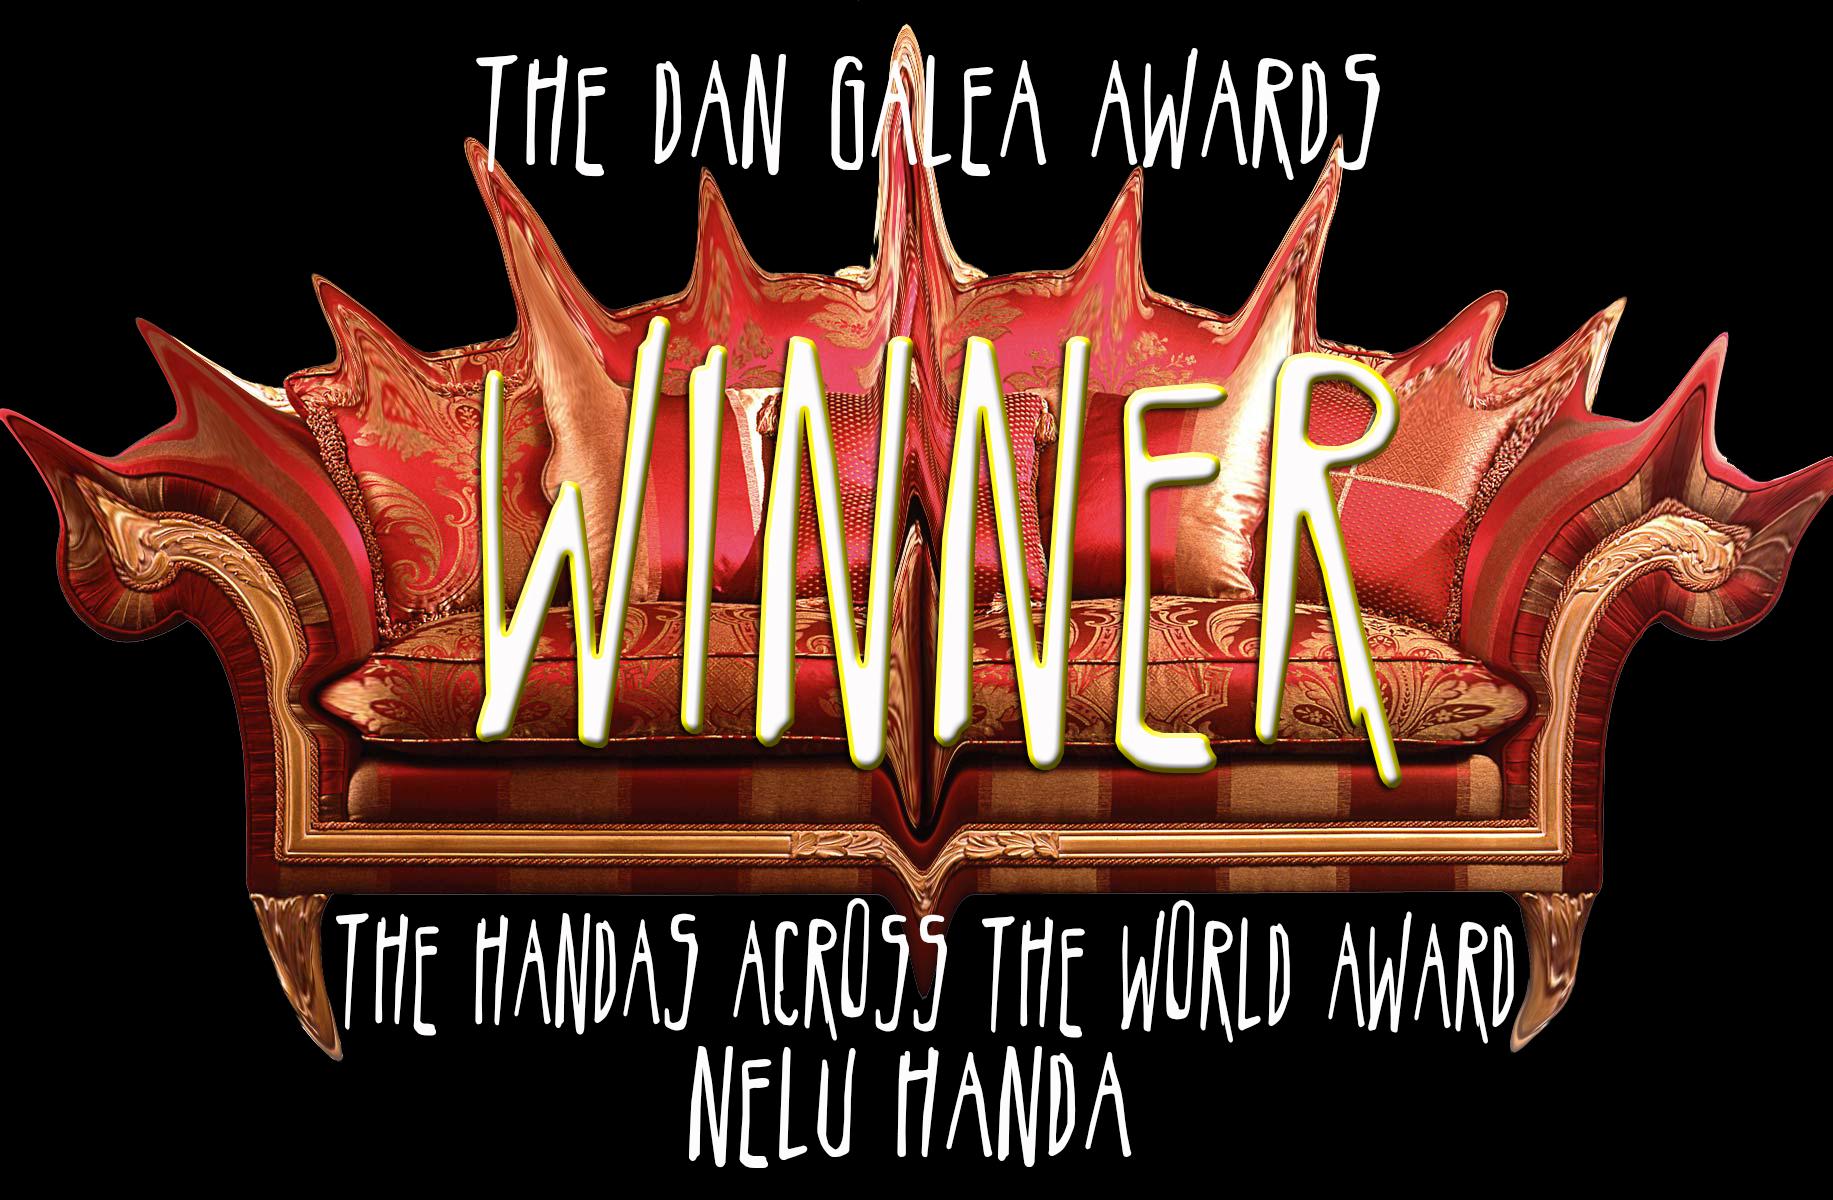 DGawards Nelu Handa.jpg